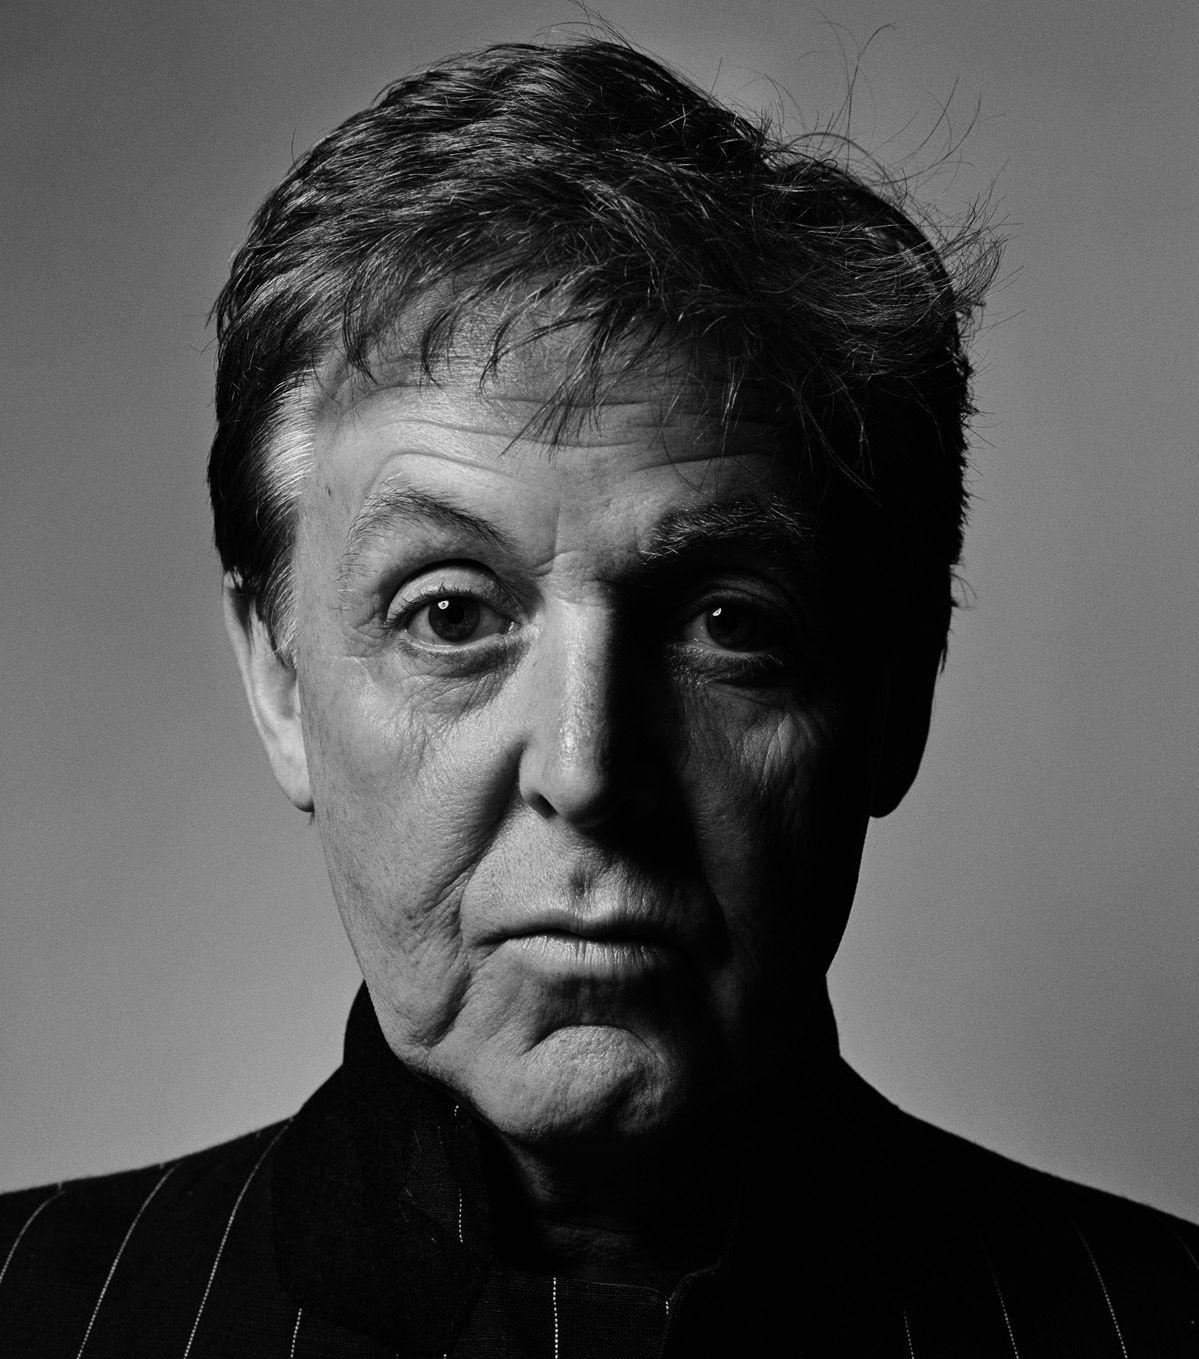 Paul McCartney confirma mais um show no Brasil | My boyfriend ...